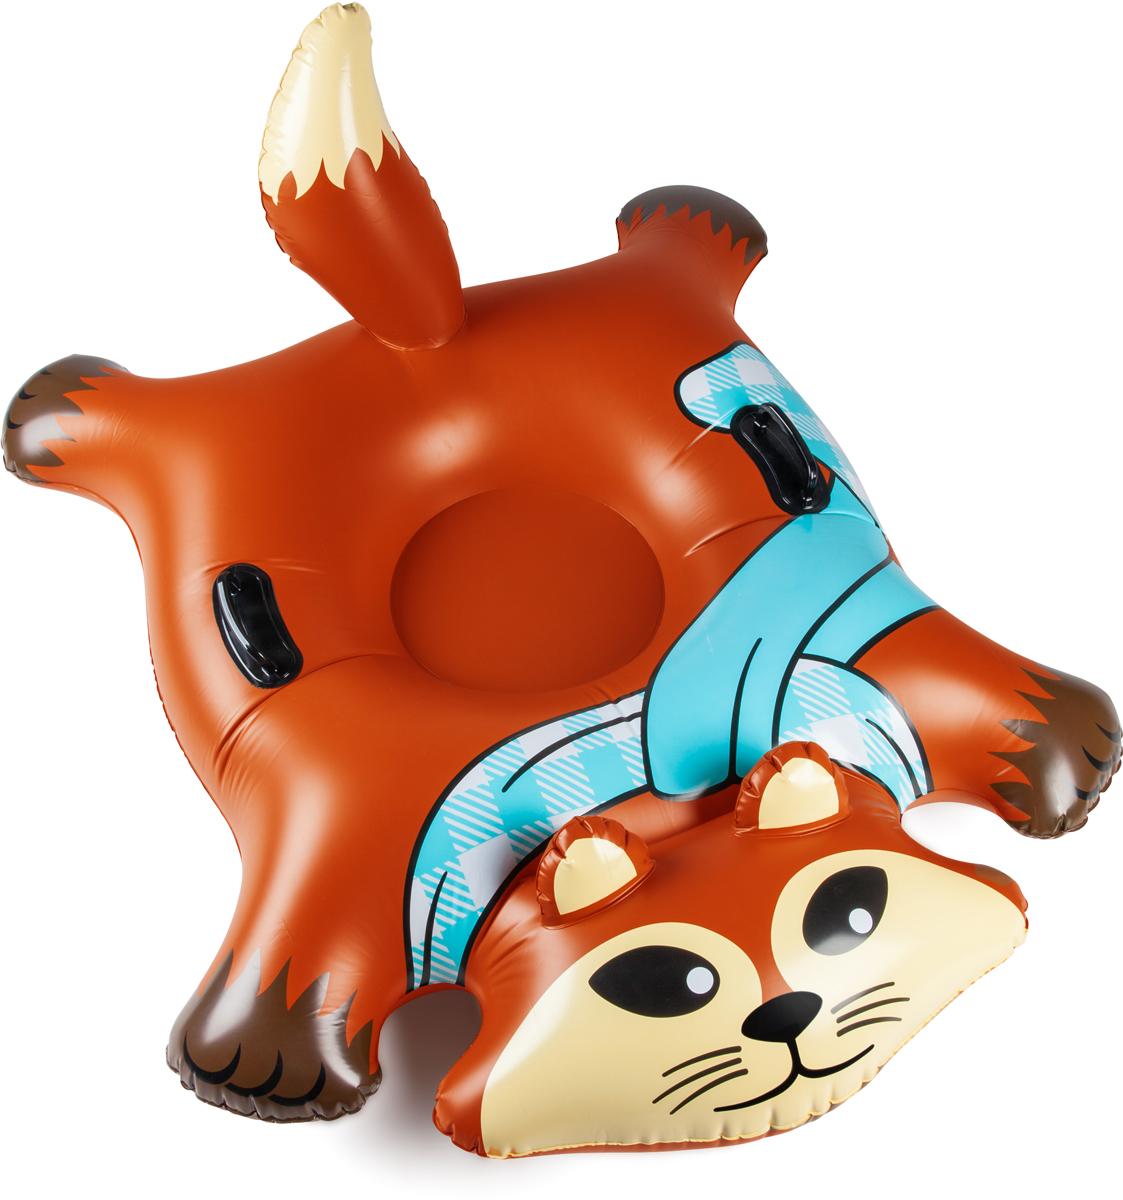 Тюбинг надувной BigMouth Flying Fox, цвет: коричневый, диаметр 1 мBMST-0009Виниловый тюбинг в форме лисы для зимнего катания с горки. Тюбинг имеет яркую расцветку и оригинальный дизайн. Изделие выполнено из высокопрочного винила soft touch, что делает его не только долговечным, но и комфортным в использовании. Усиленная проклейка швов и крепление деталей не позволит тюбингу порваться даже при использовании на сильно обледеневших поверхностях. Для удобства катания модель дополнена специальными ручками. Яркий и стильный тюбинг выделит своего владельца среди всех отдыхающих на склоне. Нестандартный дизайн добавит удовольствия катанию и не позволит потерять свой транспорт в суматохе после спуска. Тюбинг станет идеальным подарком как для ребенка, так и для взрослого. С таким ярким спутником зимние дни пролетят весело и беззаботно.Зимние игры на свежем воздухе. Статья OZON Гид